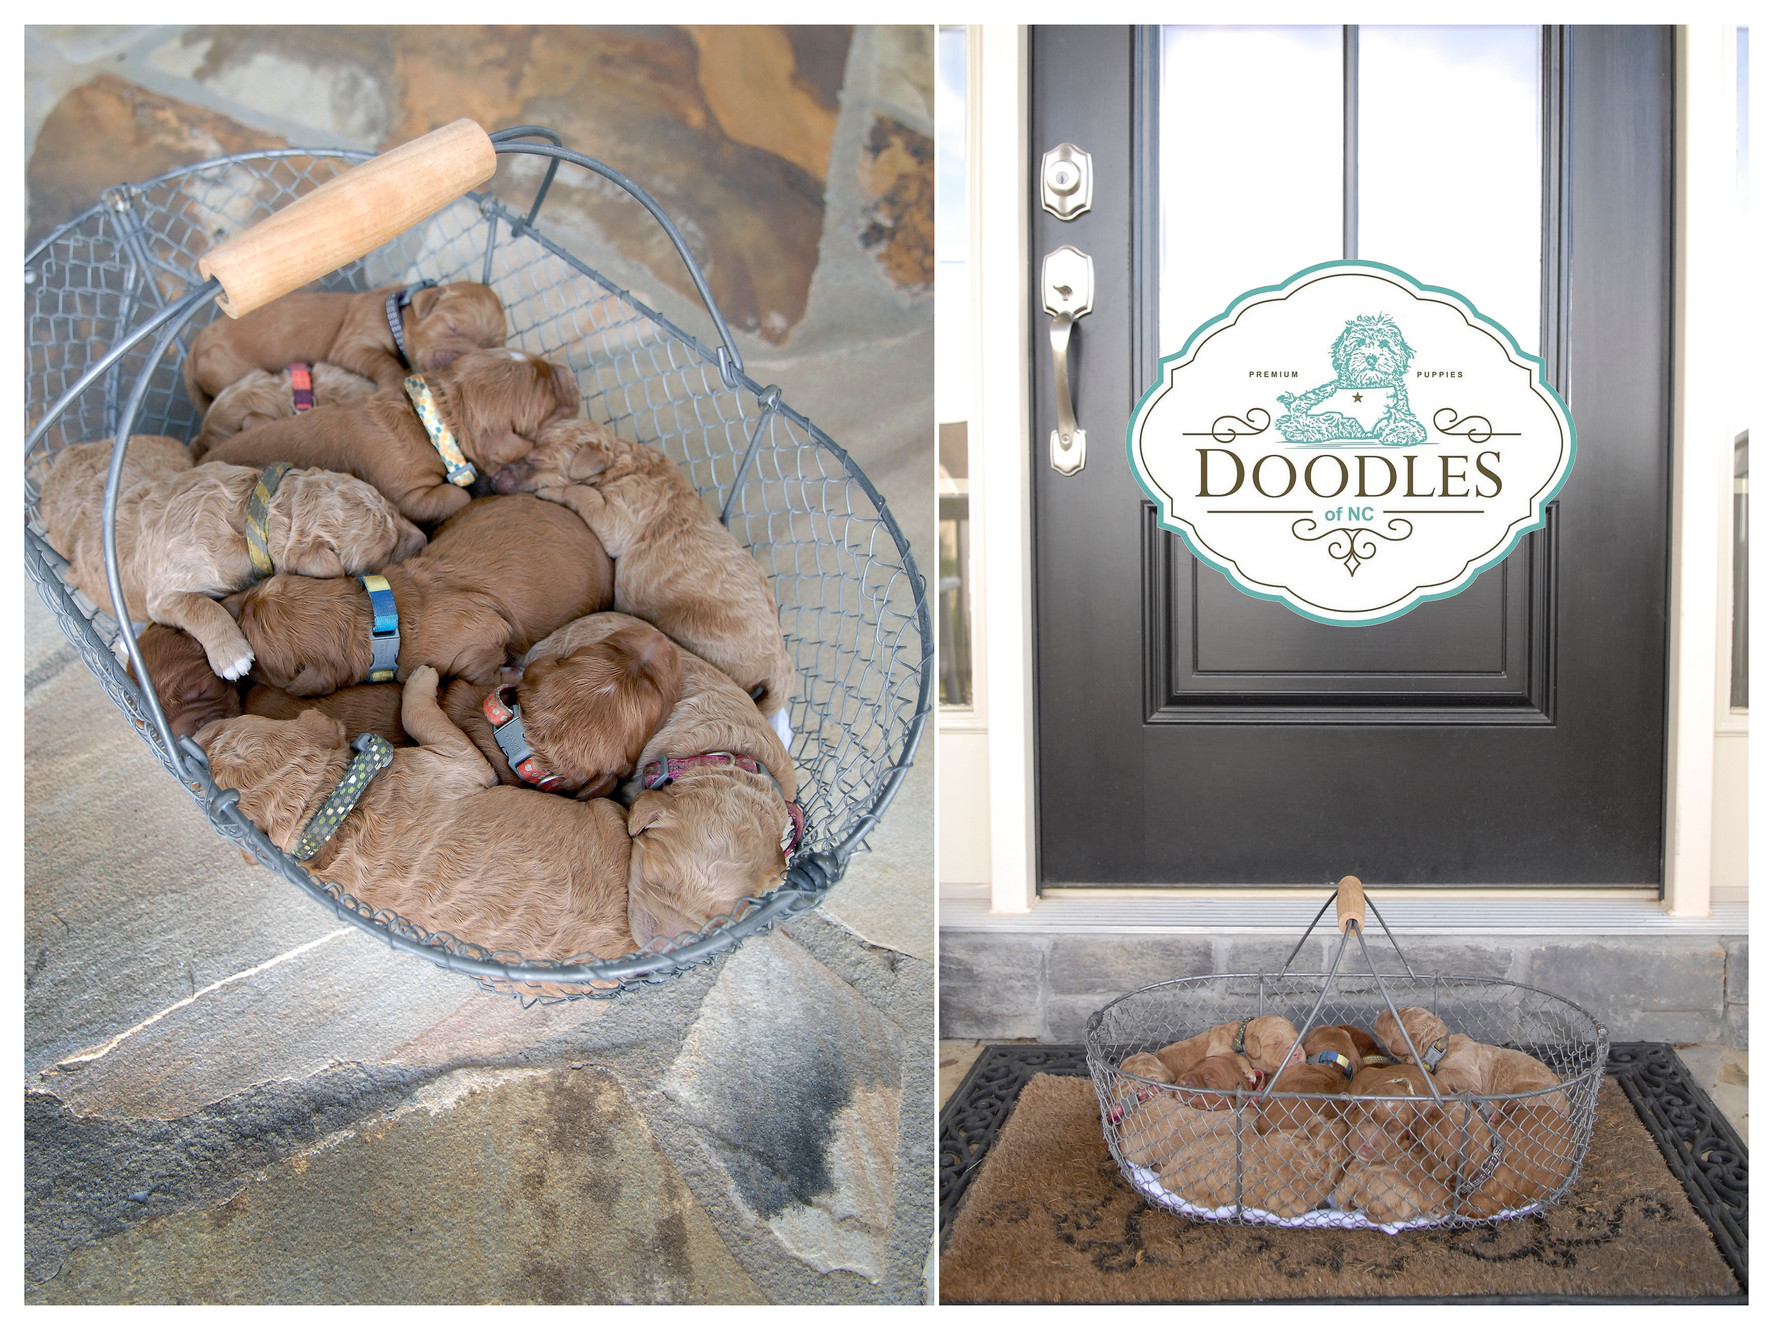 Goldendoodle Puppies For Sale Burlington Doodles Of Nc